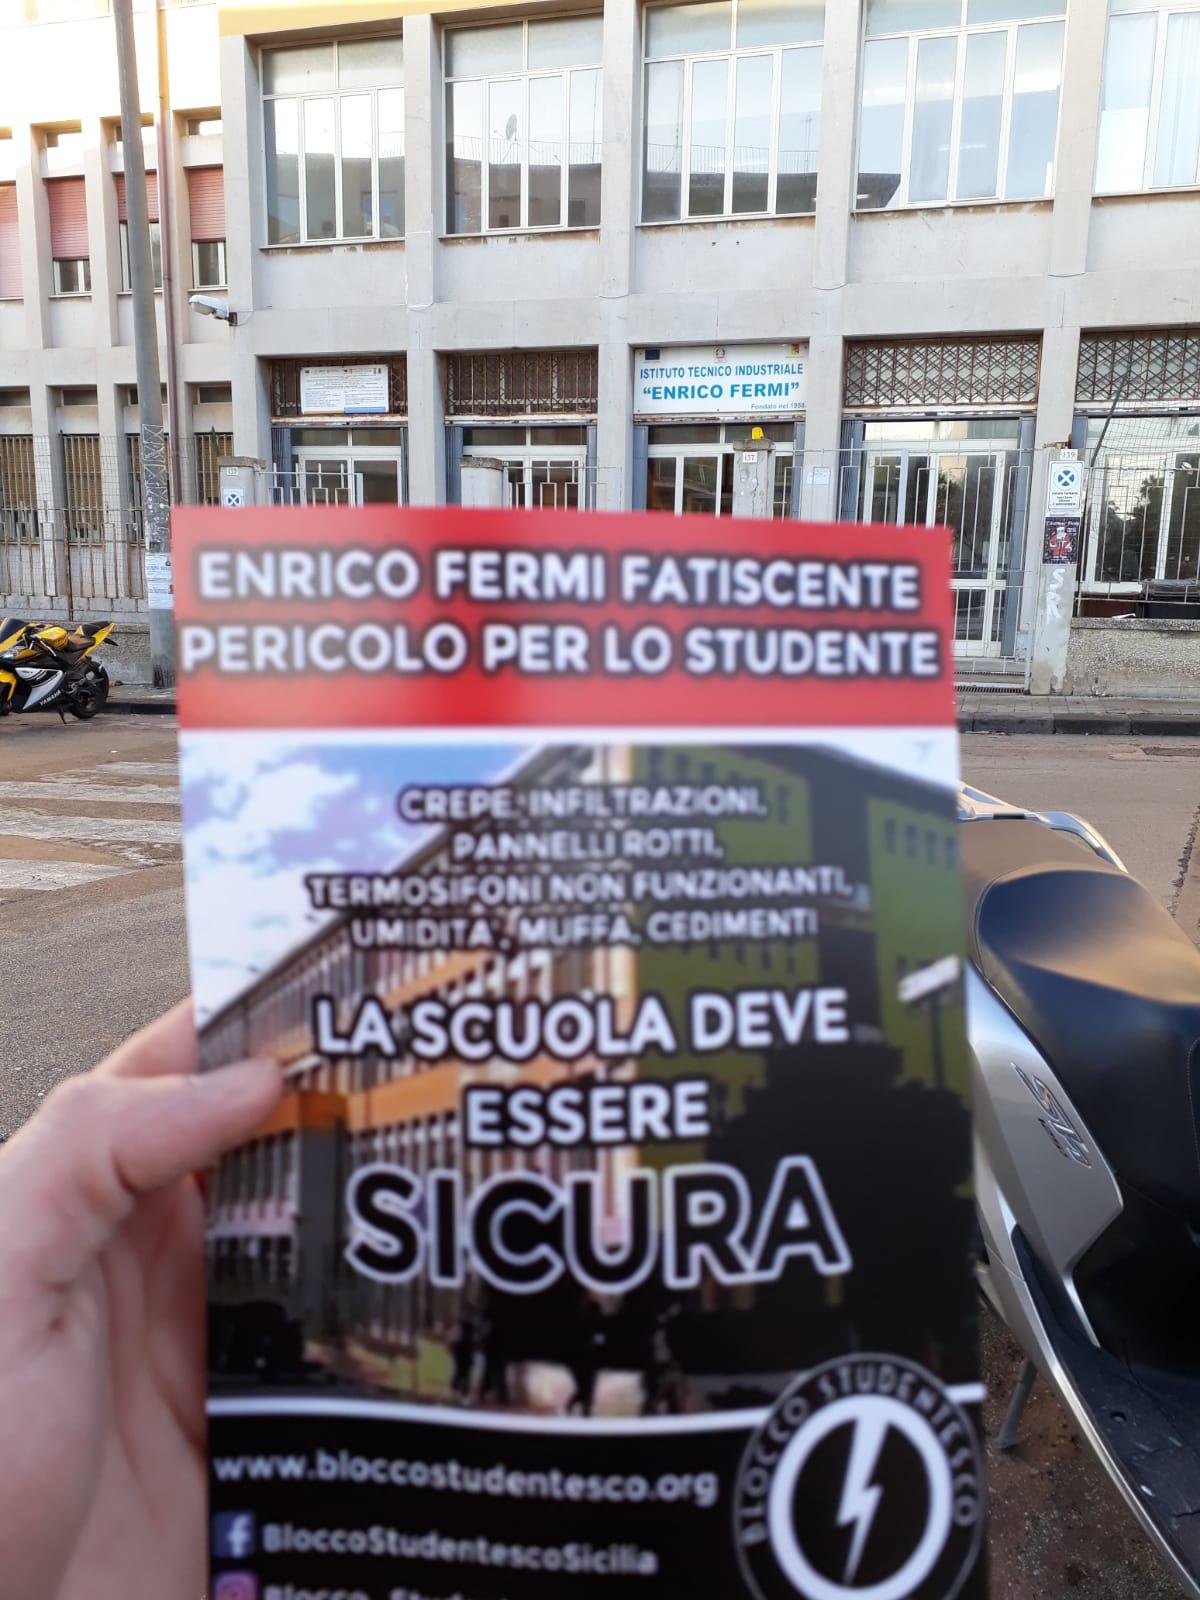 VOLANTINAGGIO DI BLOCCO STUDENTESCO SULLE CONDIZIONI STRUTTURALI DELL'ENRICO FERMI